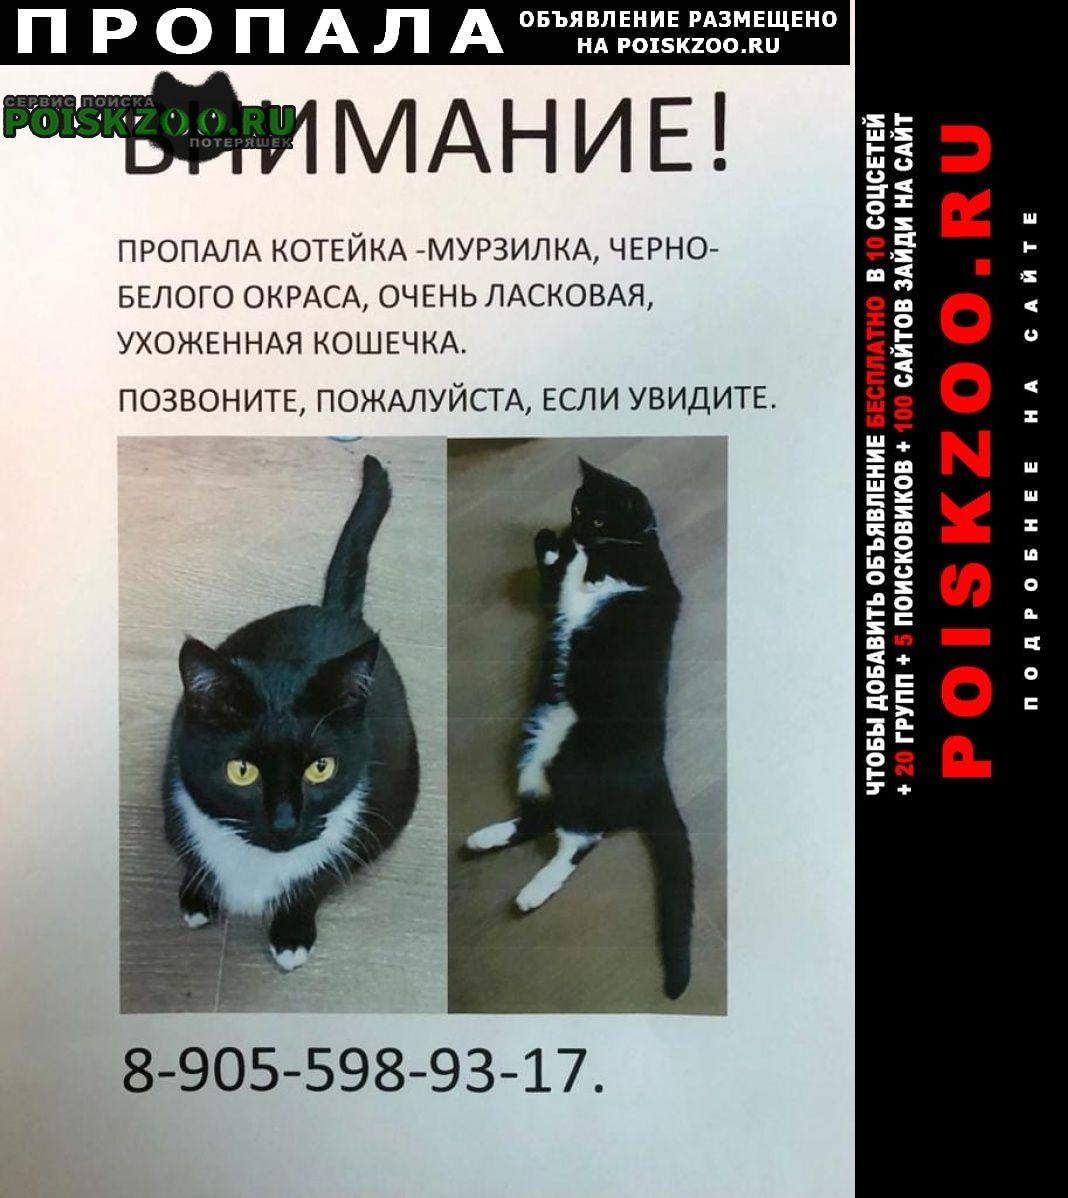 Москва Пропала кошка черно-белого окраса, жёлтые глаза